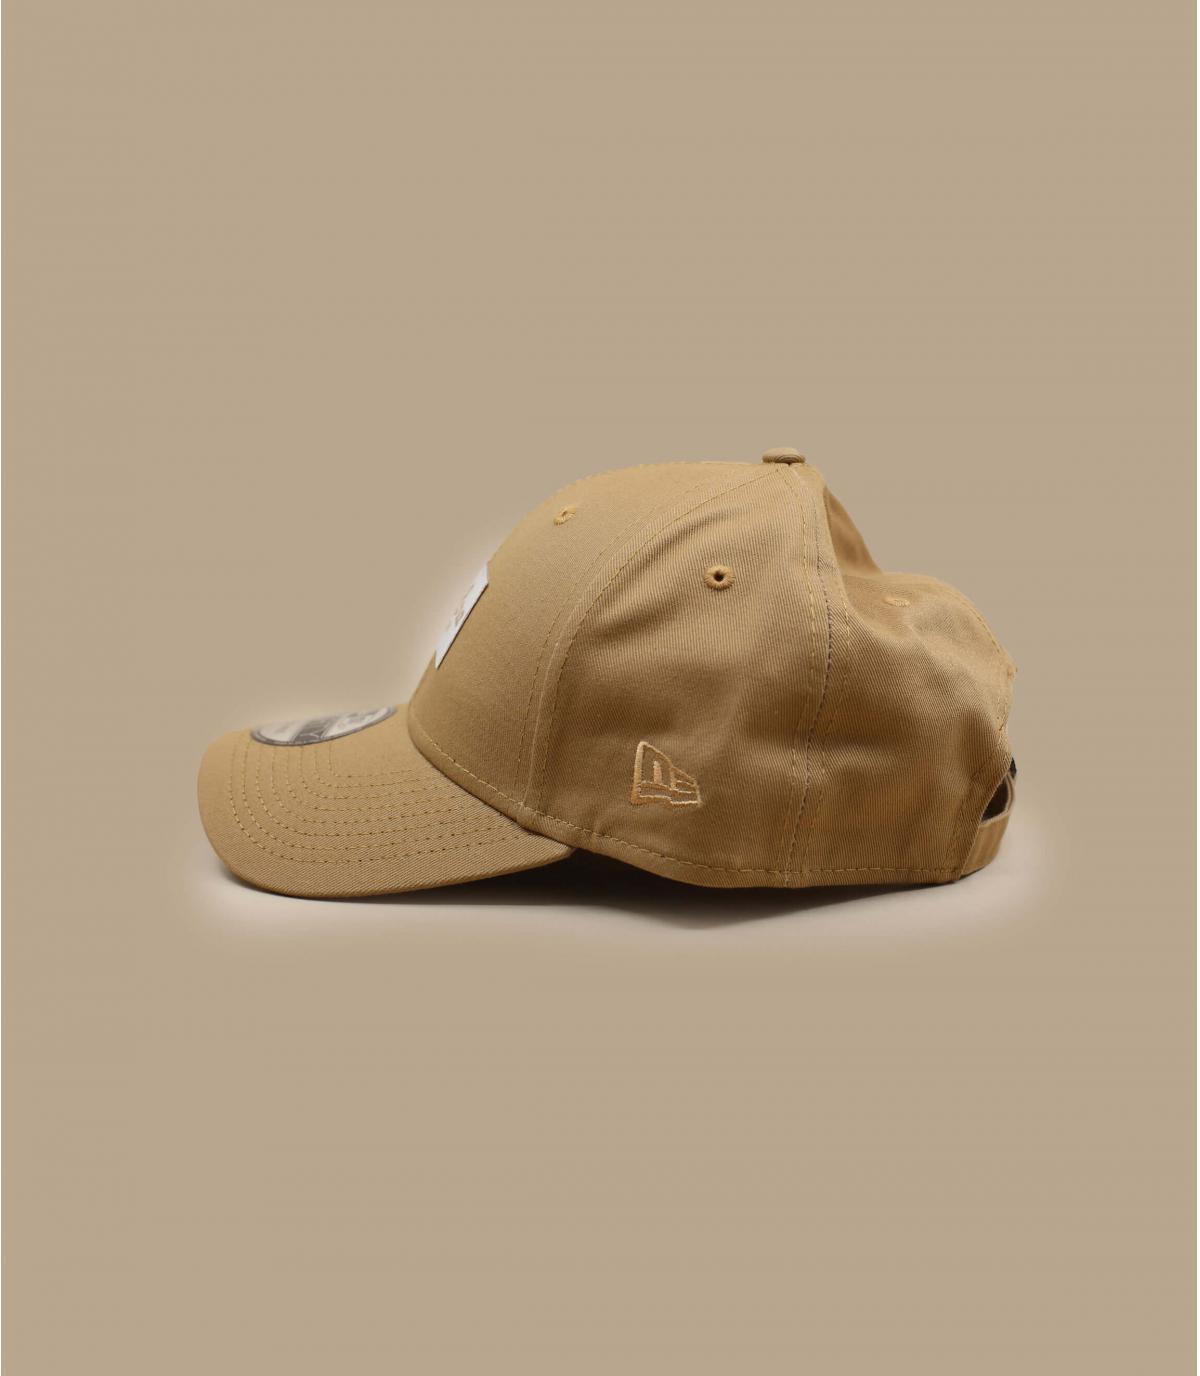 Details Cap Colour Ess 940 wheat - Abbildung 3